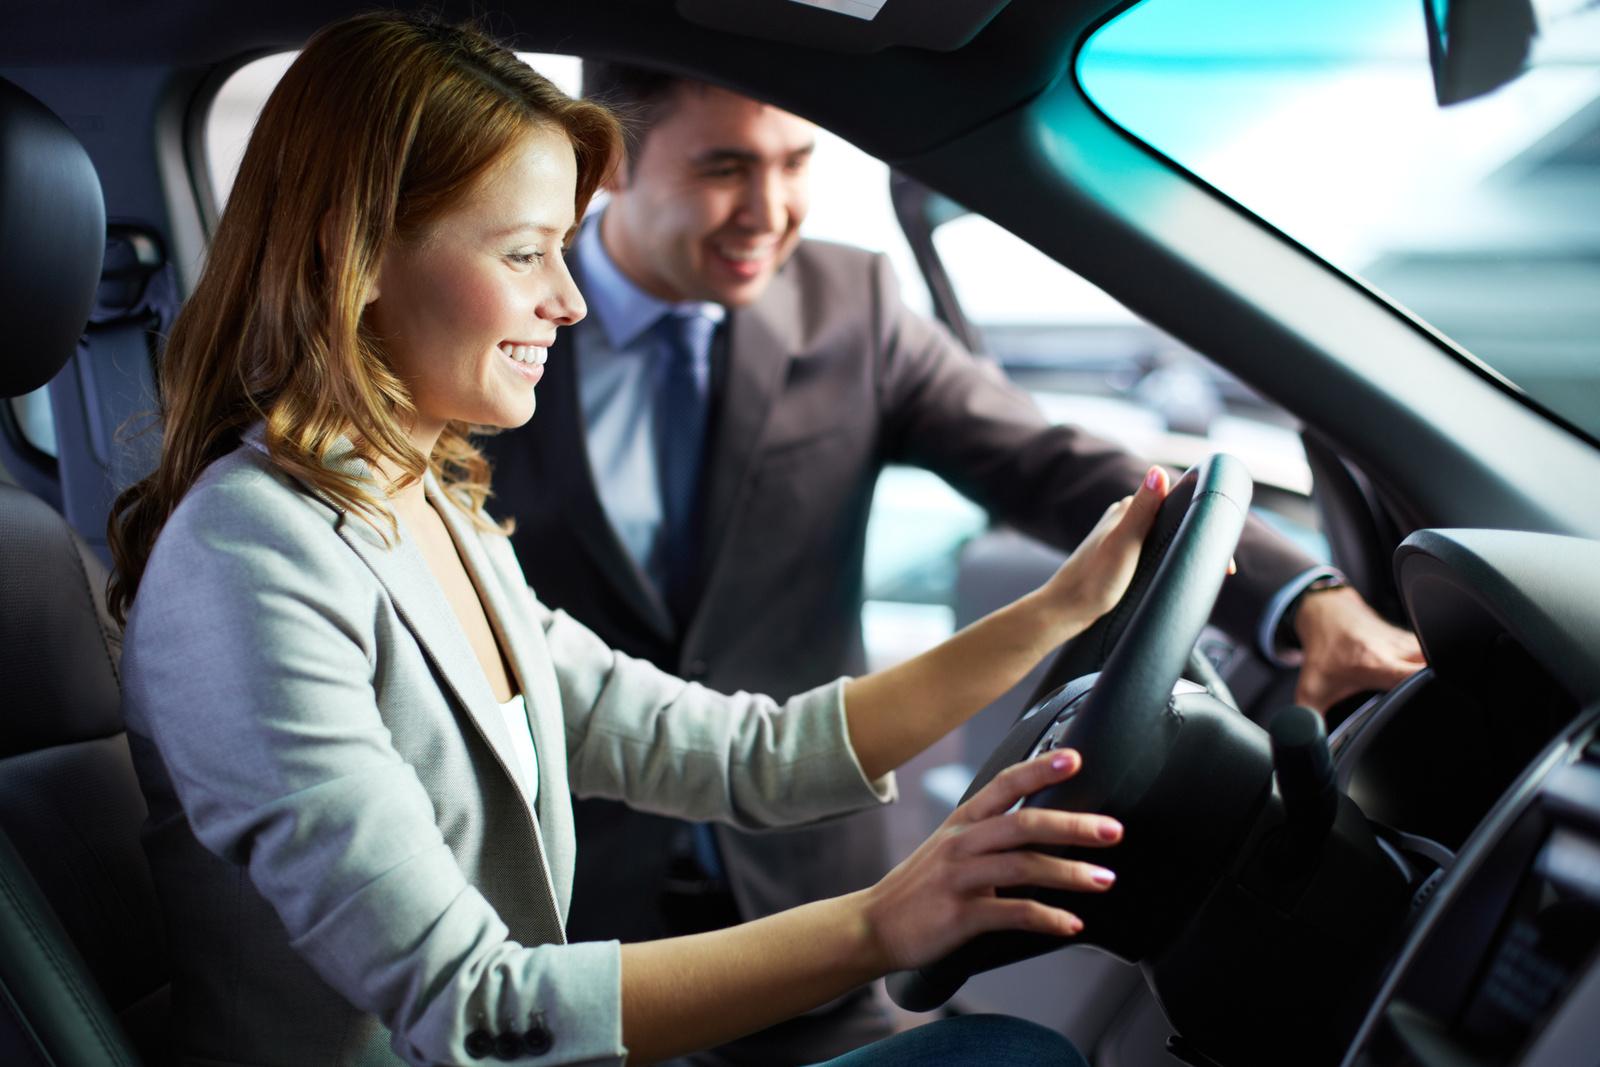 На что стоит обратить внимание в первую очередь, чтобы не допустить ошибок при покупке нового авто